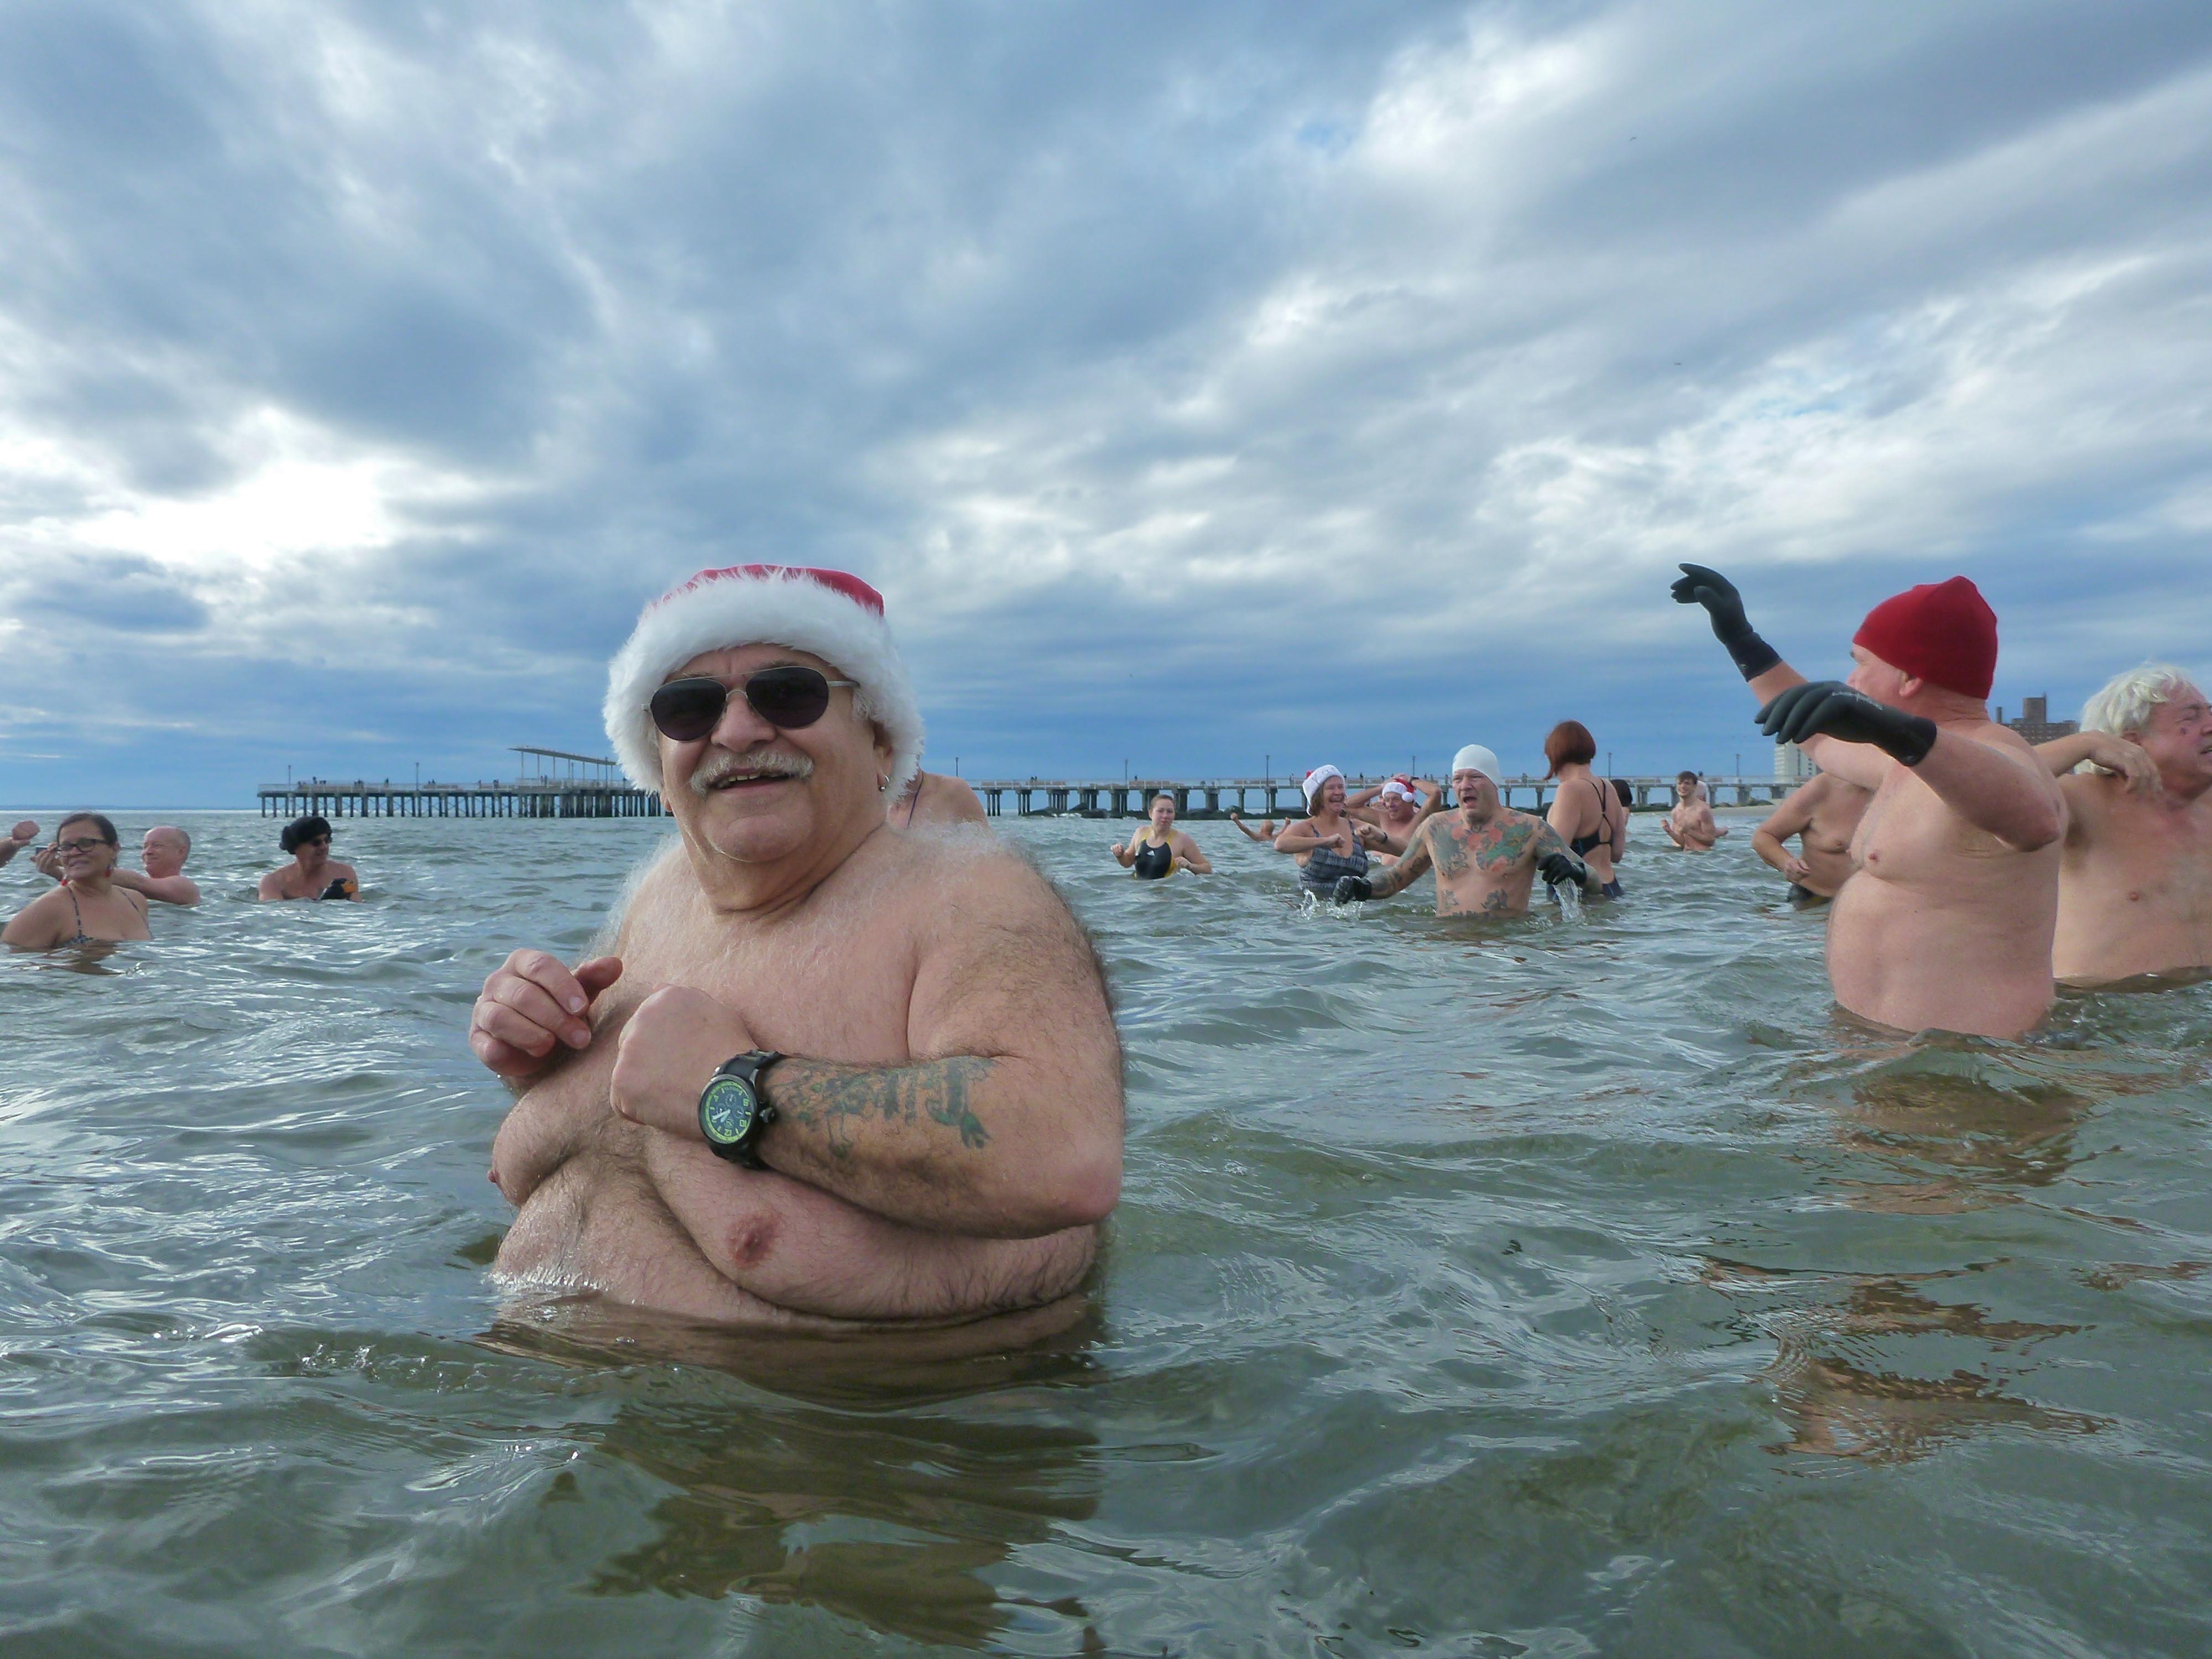 Sfondi Mare Acqua Sabbia Inverno Spiaggia Tatuaggio Guanti Turismo Freddo Gioia Isola Estate Bagnarsi Santa Costumi Da Bagno Simon Vacanza Brooklyn Nuotatore Tempo Libero Babbo Natale Oceano Onda Divertimento Tatuaggi Orso